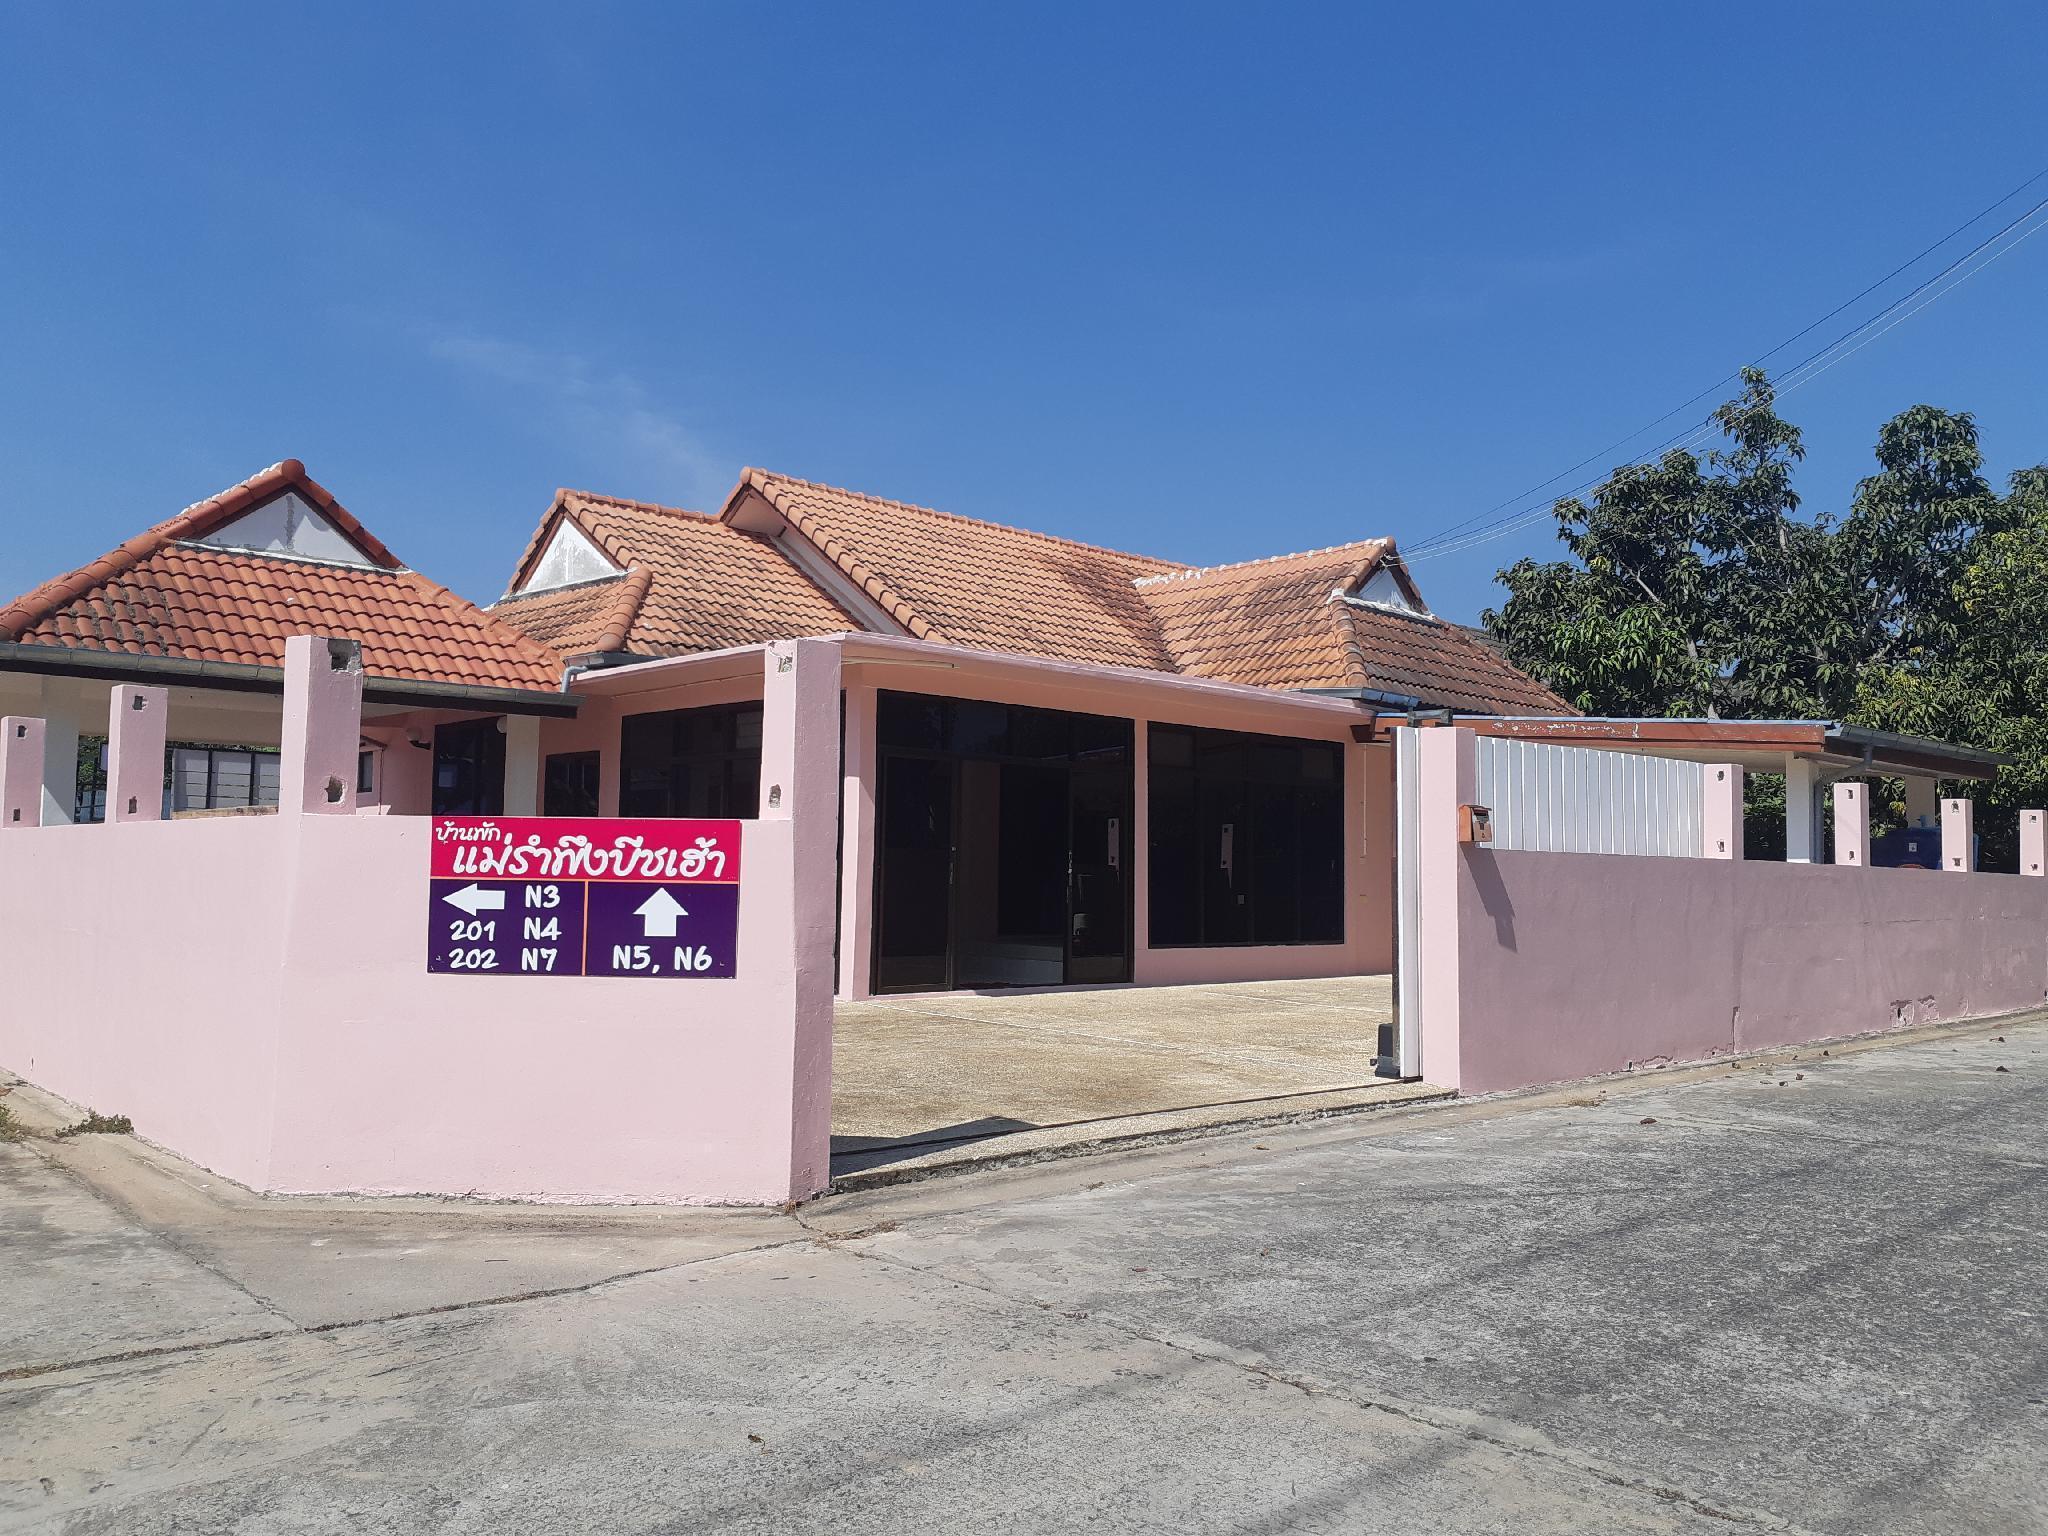 Mae Rampung beach house N8 บ้านเดี่ยว 4 ห้องนอน 3 ห้องน้ำส่วนตัว ขนาด 250 ตร.ม. – หาดระยอง